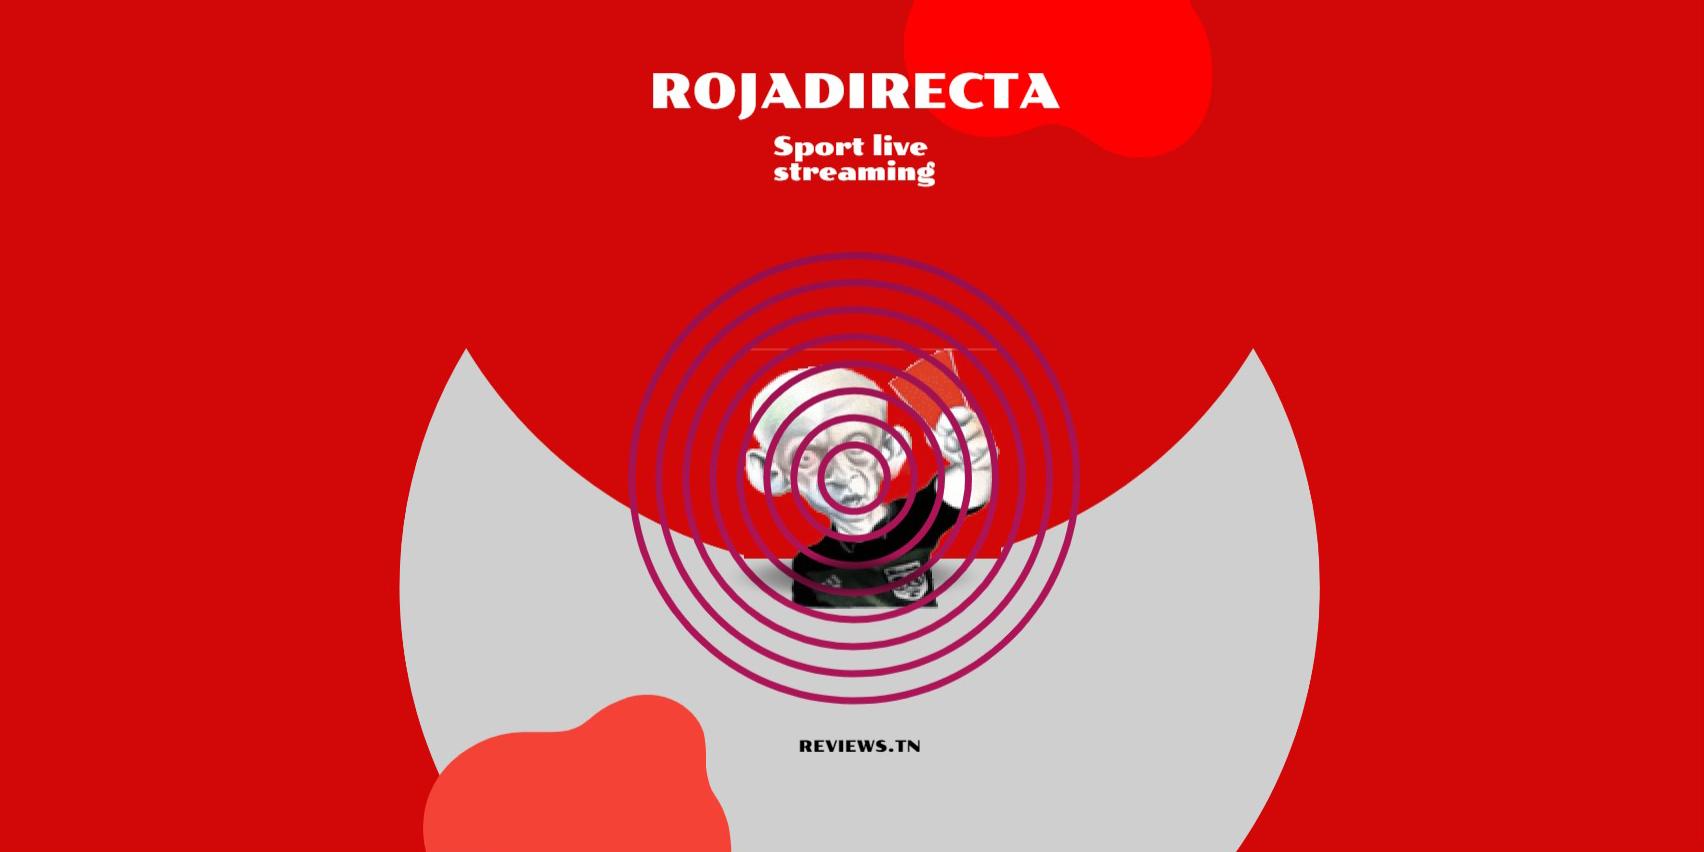 Rojadirecta : Meilleurs Sites pour Regarder les Sports en live Streaming Gratuit